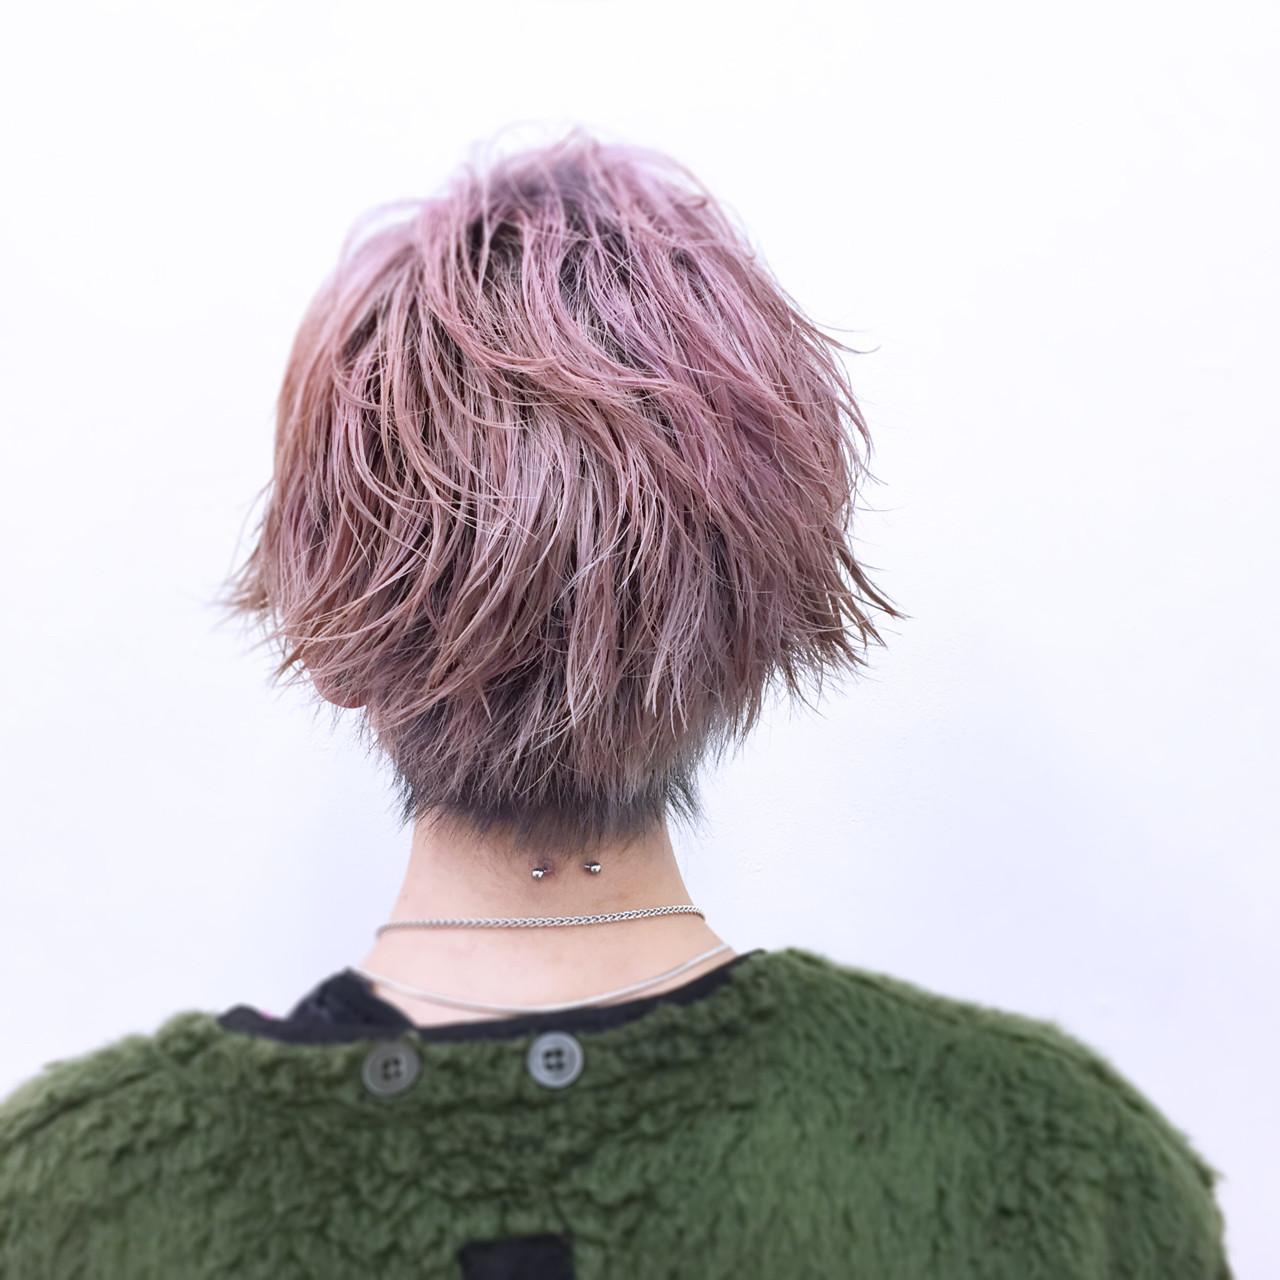 グレイッシュなヘアカラーをベースにモードな雰囲気 YSO電髪倶楽部street